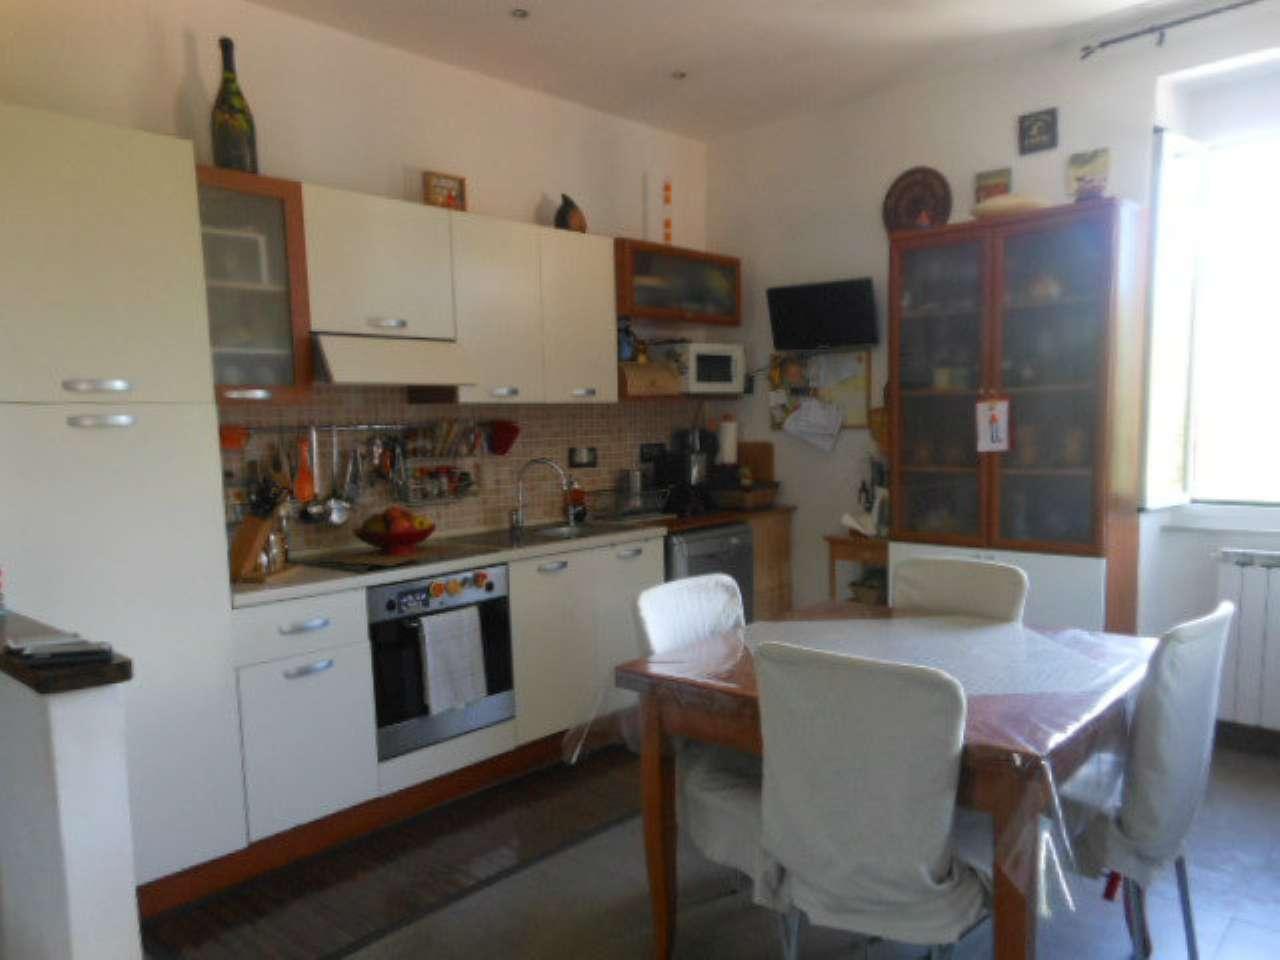 Appartamento in vendita a Riccò del Golfo di Spezia, 6 locali, prezzo € 145.000 | CambioCasa.it